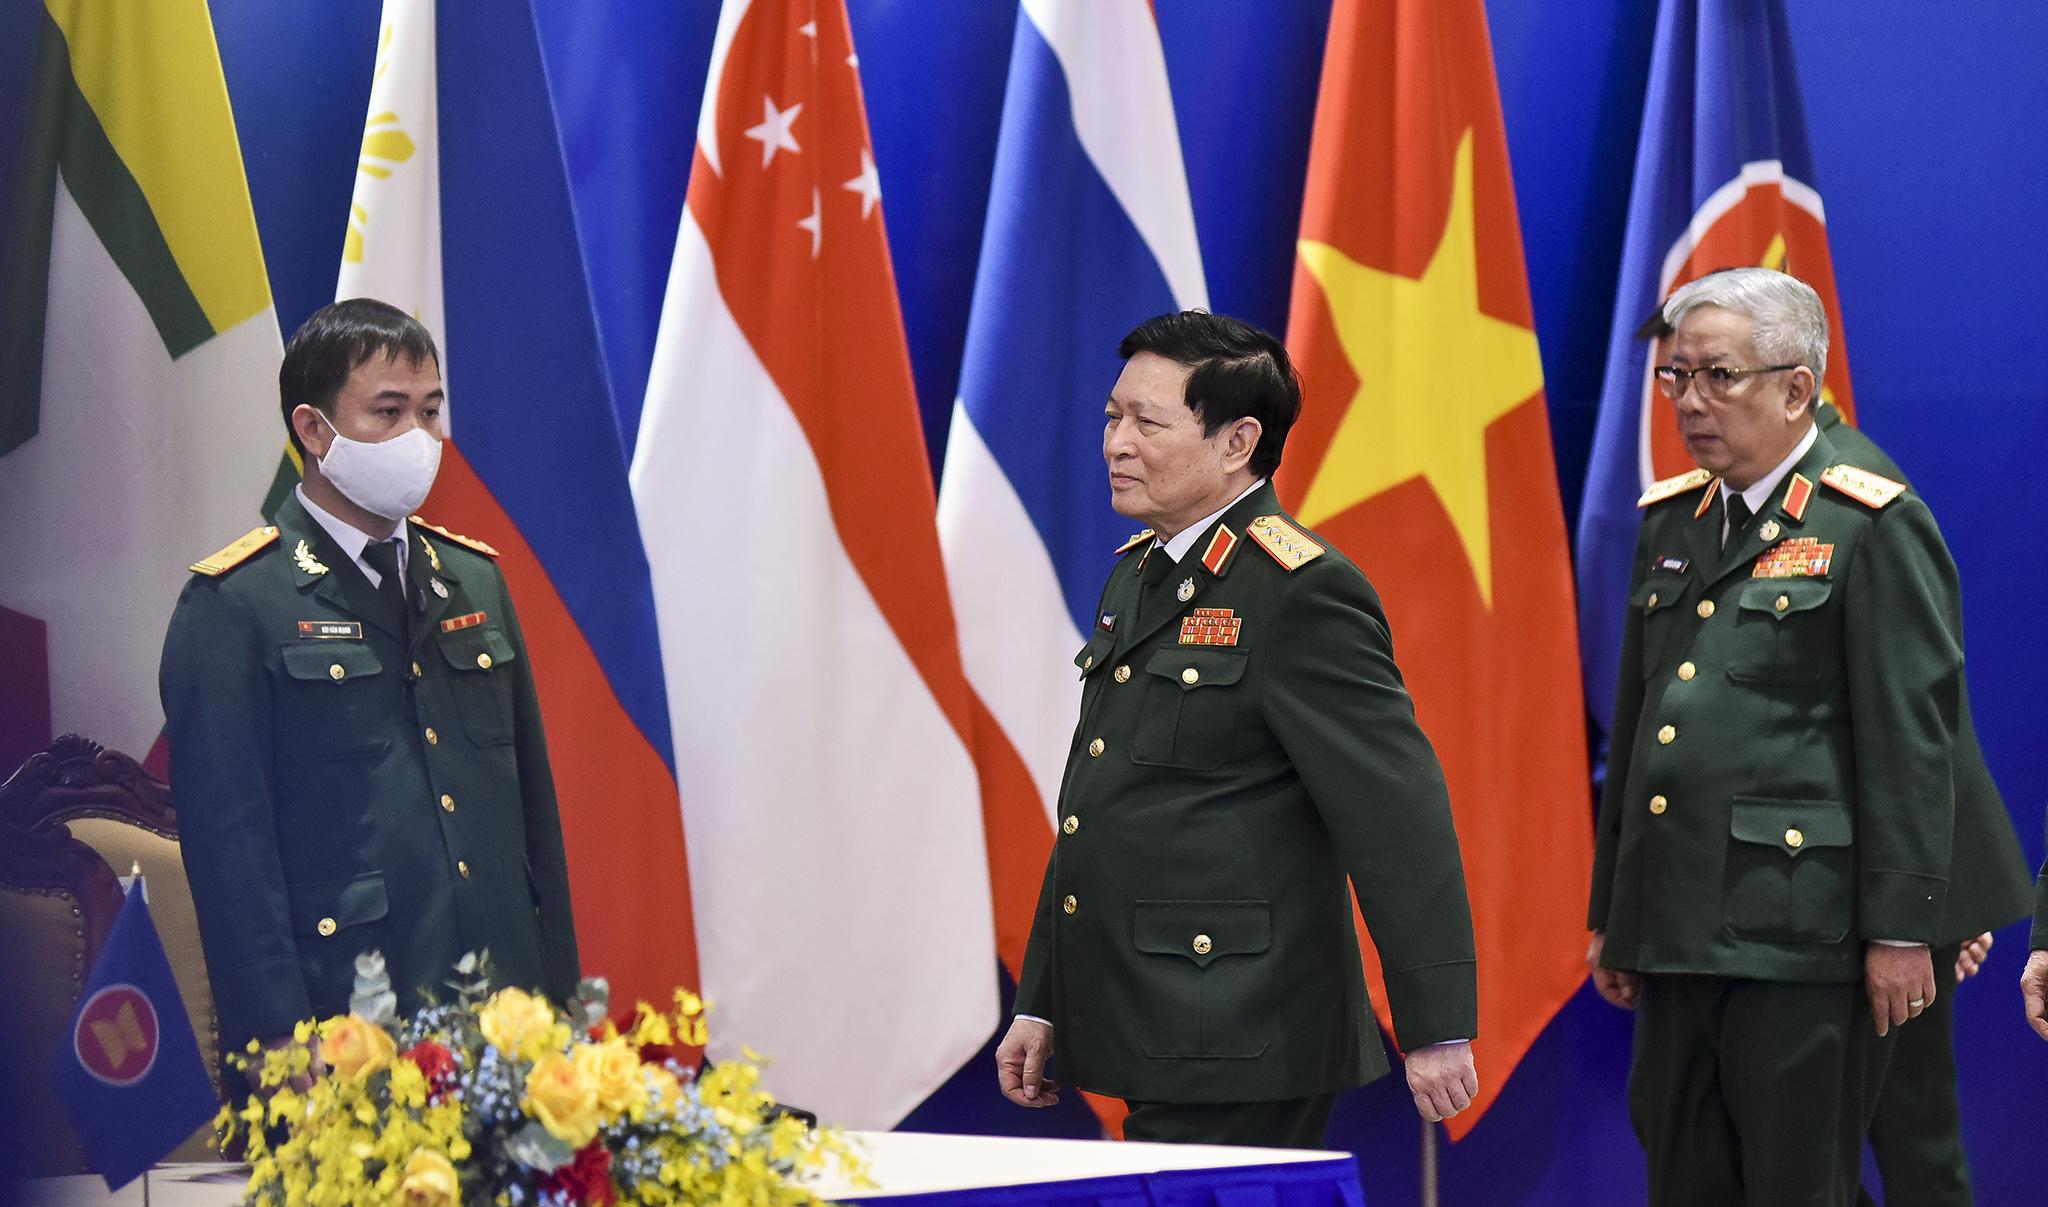 Việt Nam chủ trì họp Bộ trưởng Quốc phòng ASEAN bàn về an ninh, đại dịch